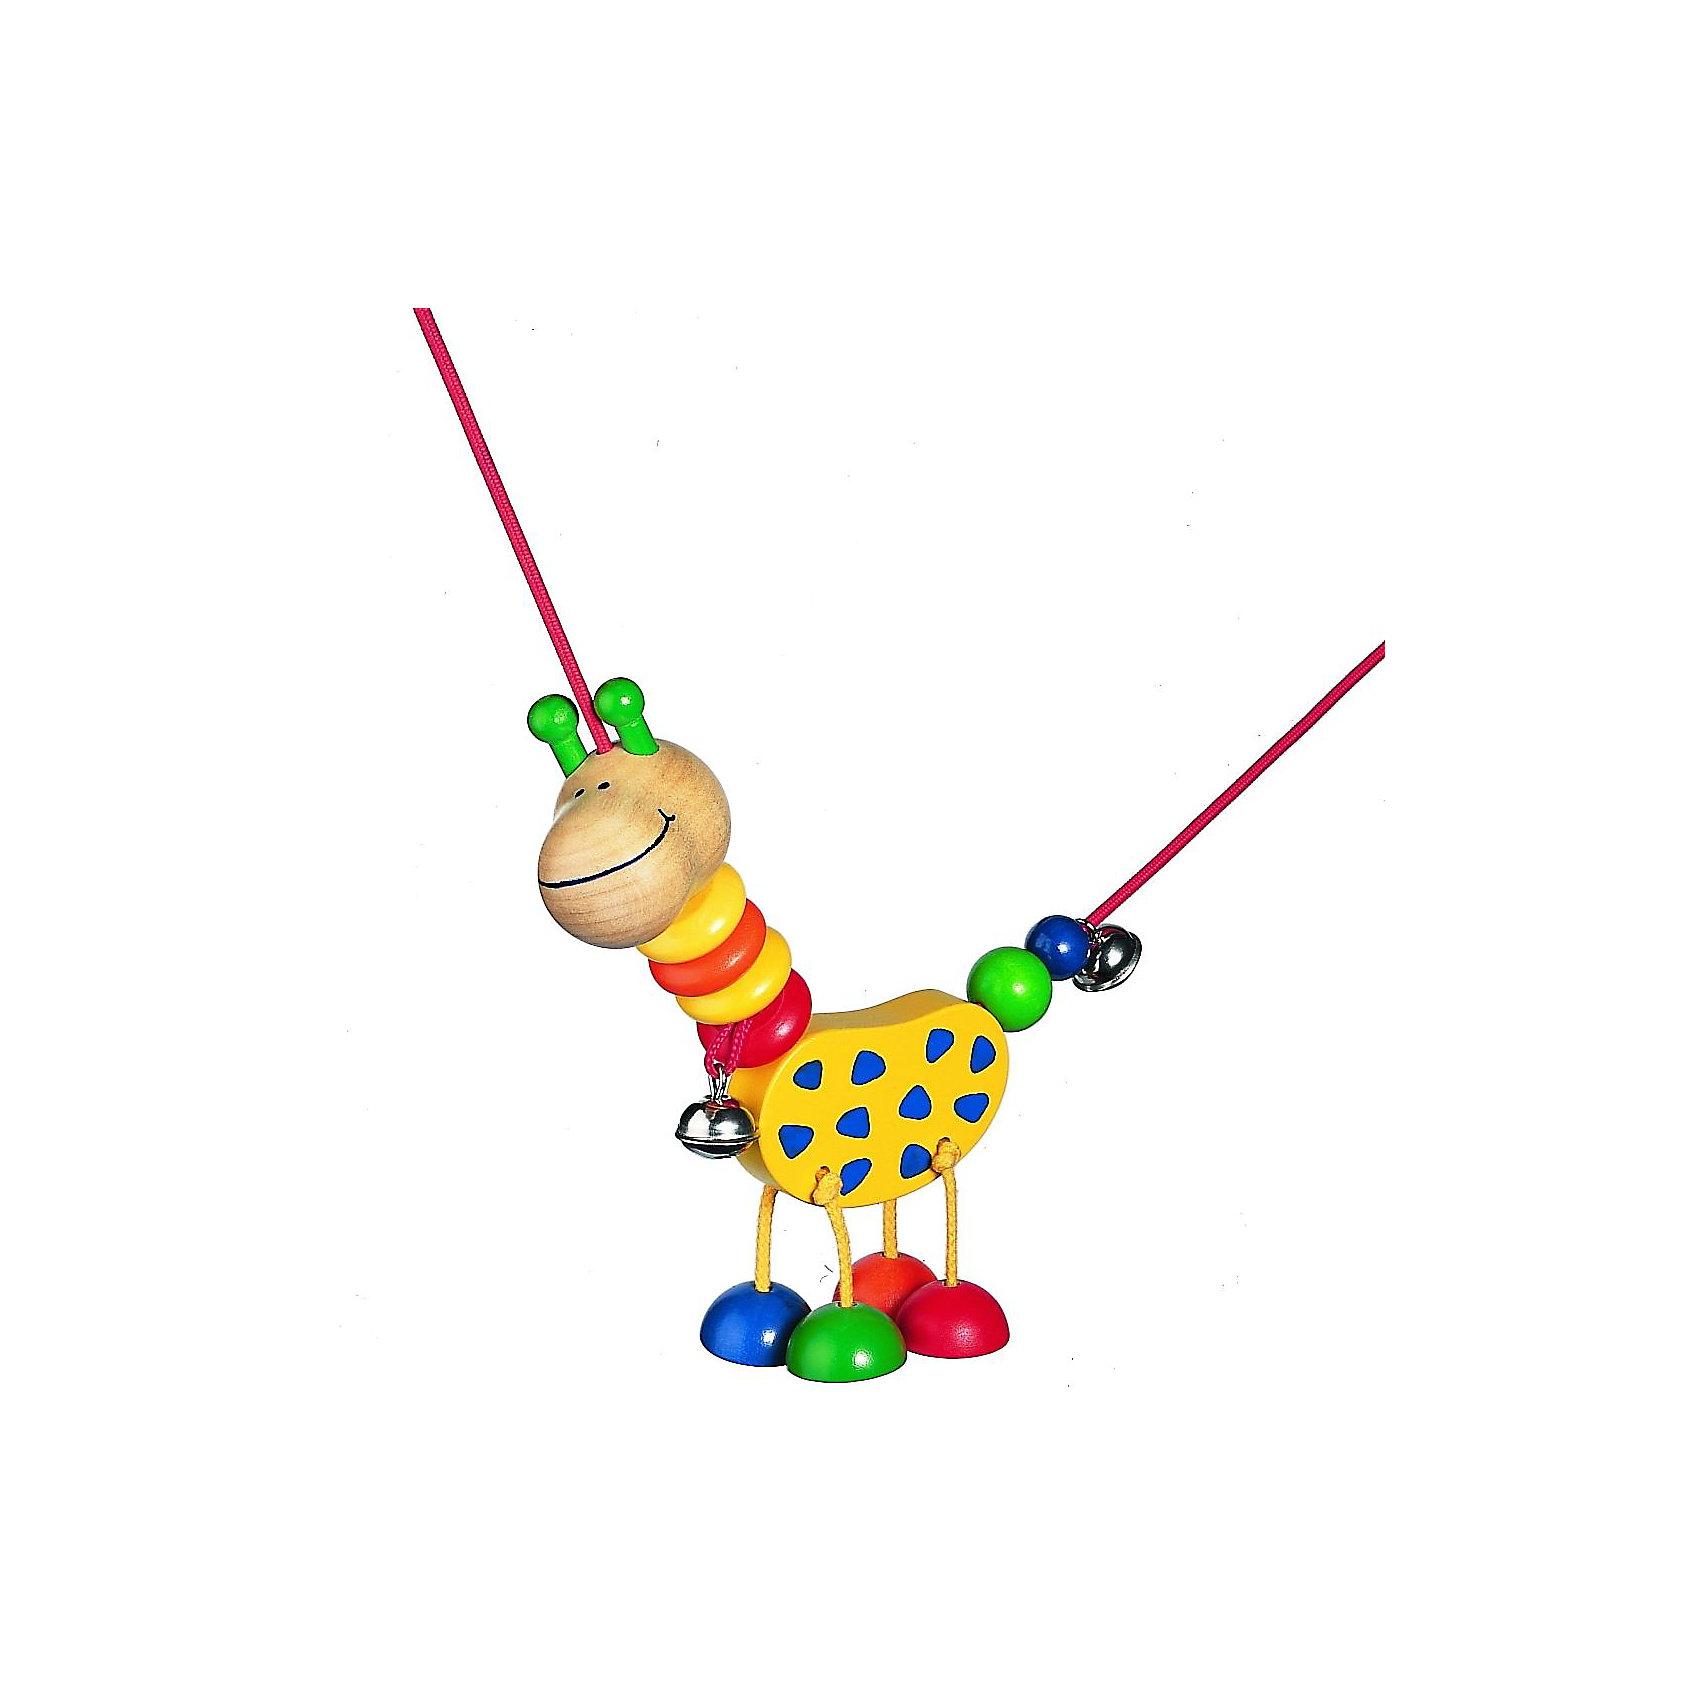 Selecta Подвеска КоллинаИгрушки для малышей<br>Эта подвеска от компании Selecta – лучший друг для самых маленьких. При каждом движении жираф весело болтает ножками над кроваткой, колыбелькой или коляской. Жирафа можно двигать по всему шнуру. Яркие цвета и формы, а также звон колокольчиков естественным путем побуждают малышка к получению визуальных, тактильных и сенсорных впечатлений.     <br>      <br>    <br>    Дополнительные характеристики:  <br>      <br>    <br>    + Материал: клен <br>      <br>    <br>    + Размер: ок. 18 см  <br>      <br>    <br>    + Шнурок растягивается до 75 см  <br>      <br>    <br>    + Для крепления требуются 2 универсальных зажима, например, Фиксино, которые продаются отдельно  <br>      <br>    <br>    + Безопасность проверена Объединением технического надзора (T?V)    <br>      <br>    <br>    Структура дерева пробуждает фантазию и передает самые разные впечатления, обращаясь к разным органам чувств. Данный артикул дополнительно обработан пчелиным воском, что делает его поверхность гладкой и мягкой. Естественный аромат способствует развитию чувств и ощущений у детей.<br><br>Ширина мм: 197<br>Глубина мм: 104<br>Высота мм: 51<br>Вес г: 115<br>Возраст от месяцев: 0<br>Возраст до месяцев: 12<br>Пол: Унисекс<br>Возраст: Детский<br>SKU: 1400390